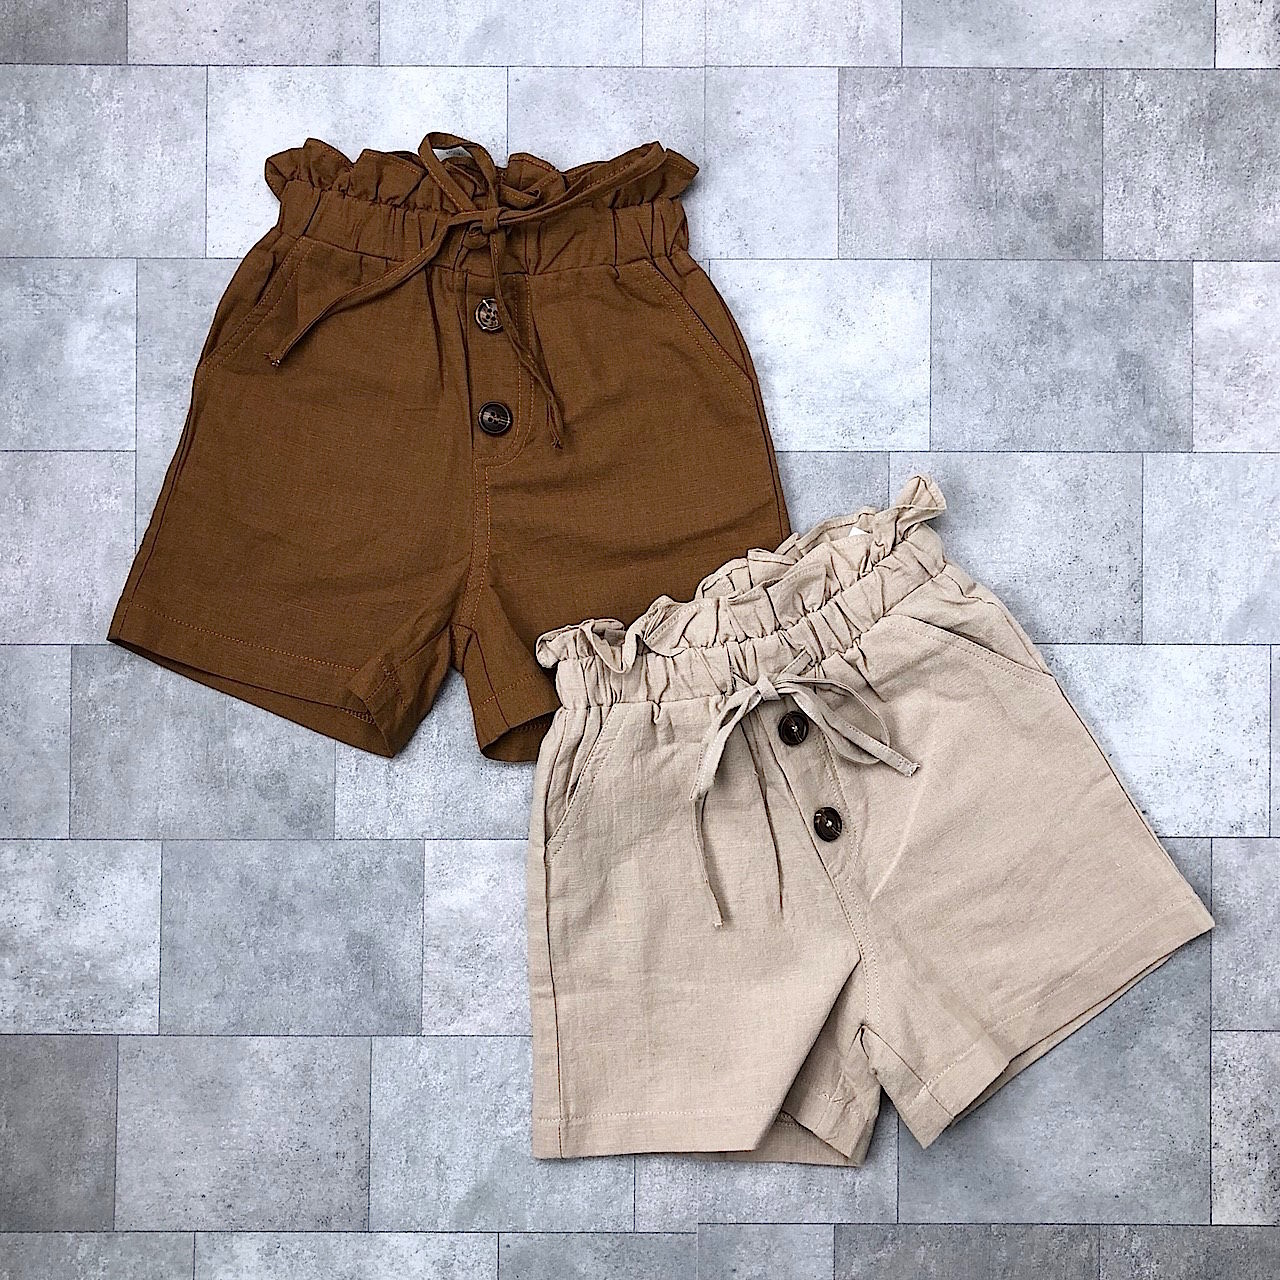 ハイウエストフリルショートパンツ(2カラー)no.805061 #子供服 #子ども服 #男の子 #女の子 #ボトム